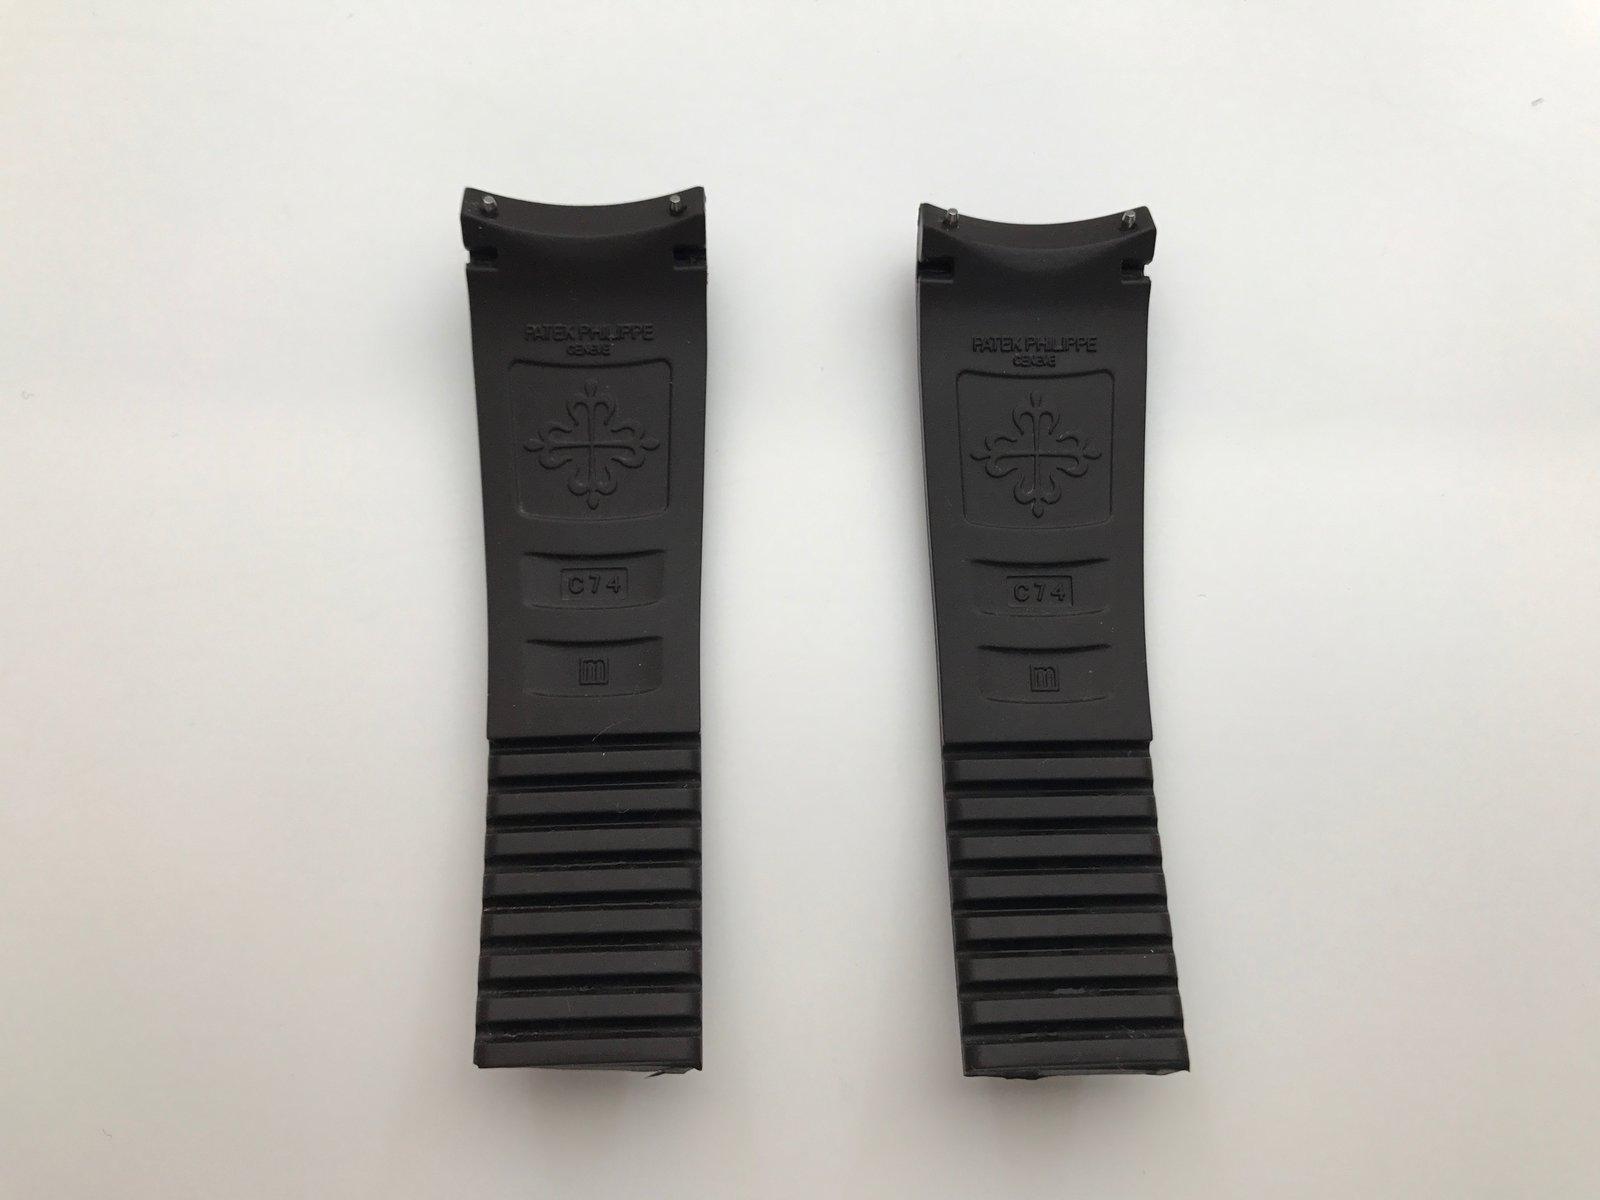 52D414D8-9320-4C6F-A8F1-2F43E66E4D02.JPG